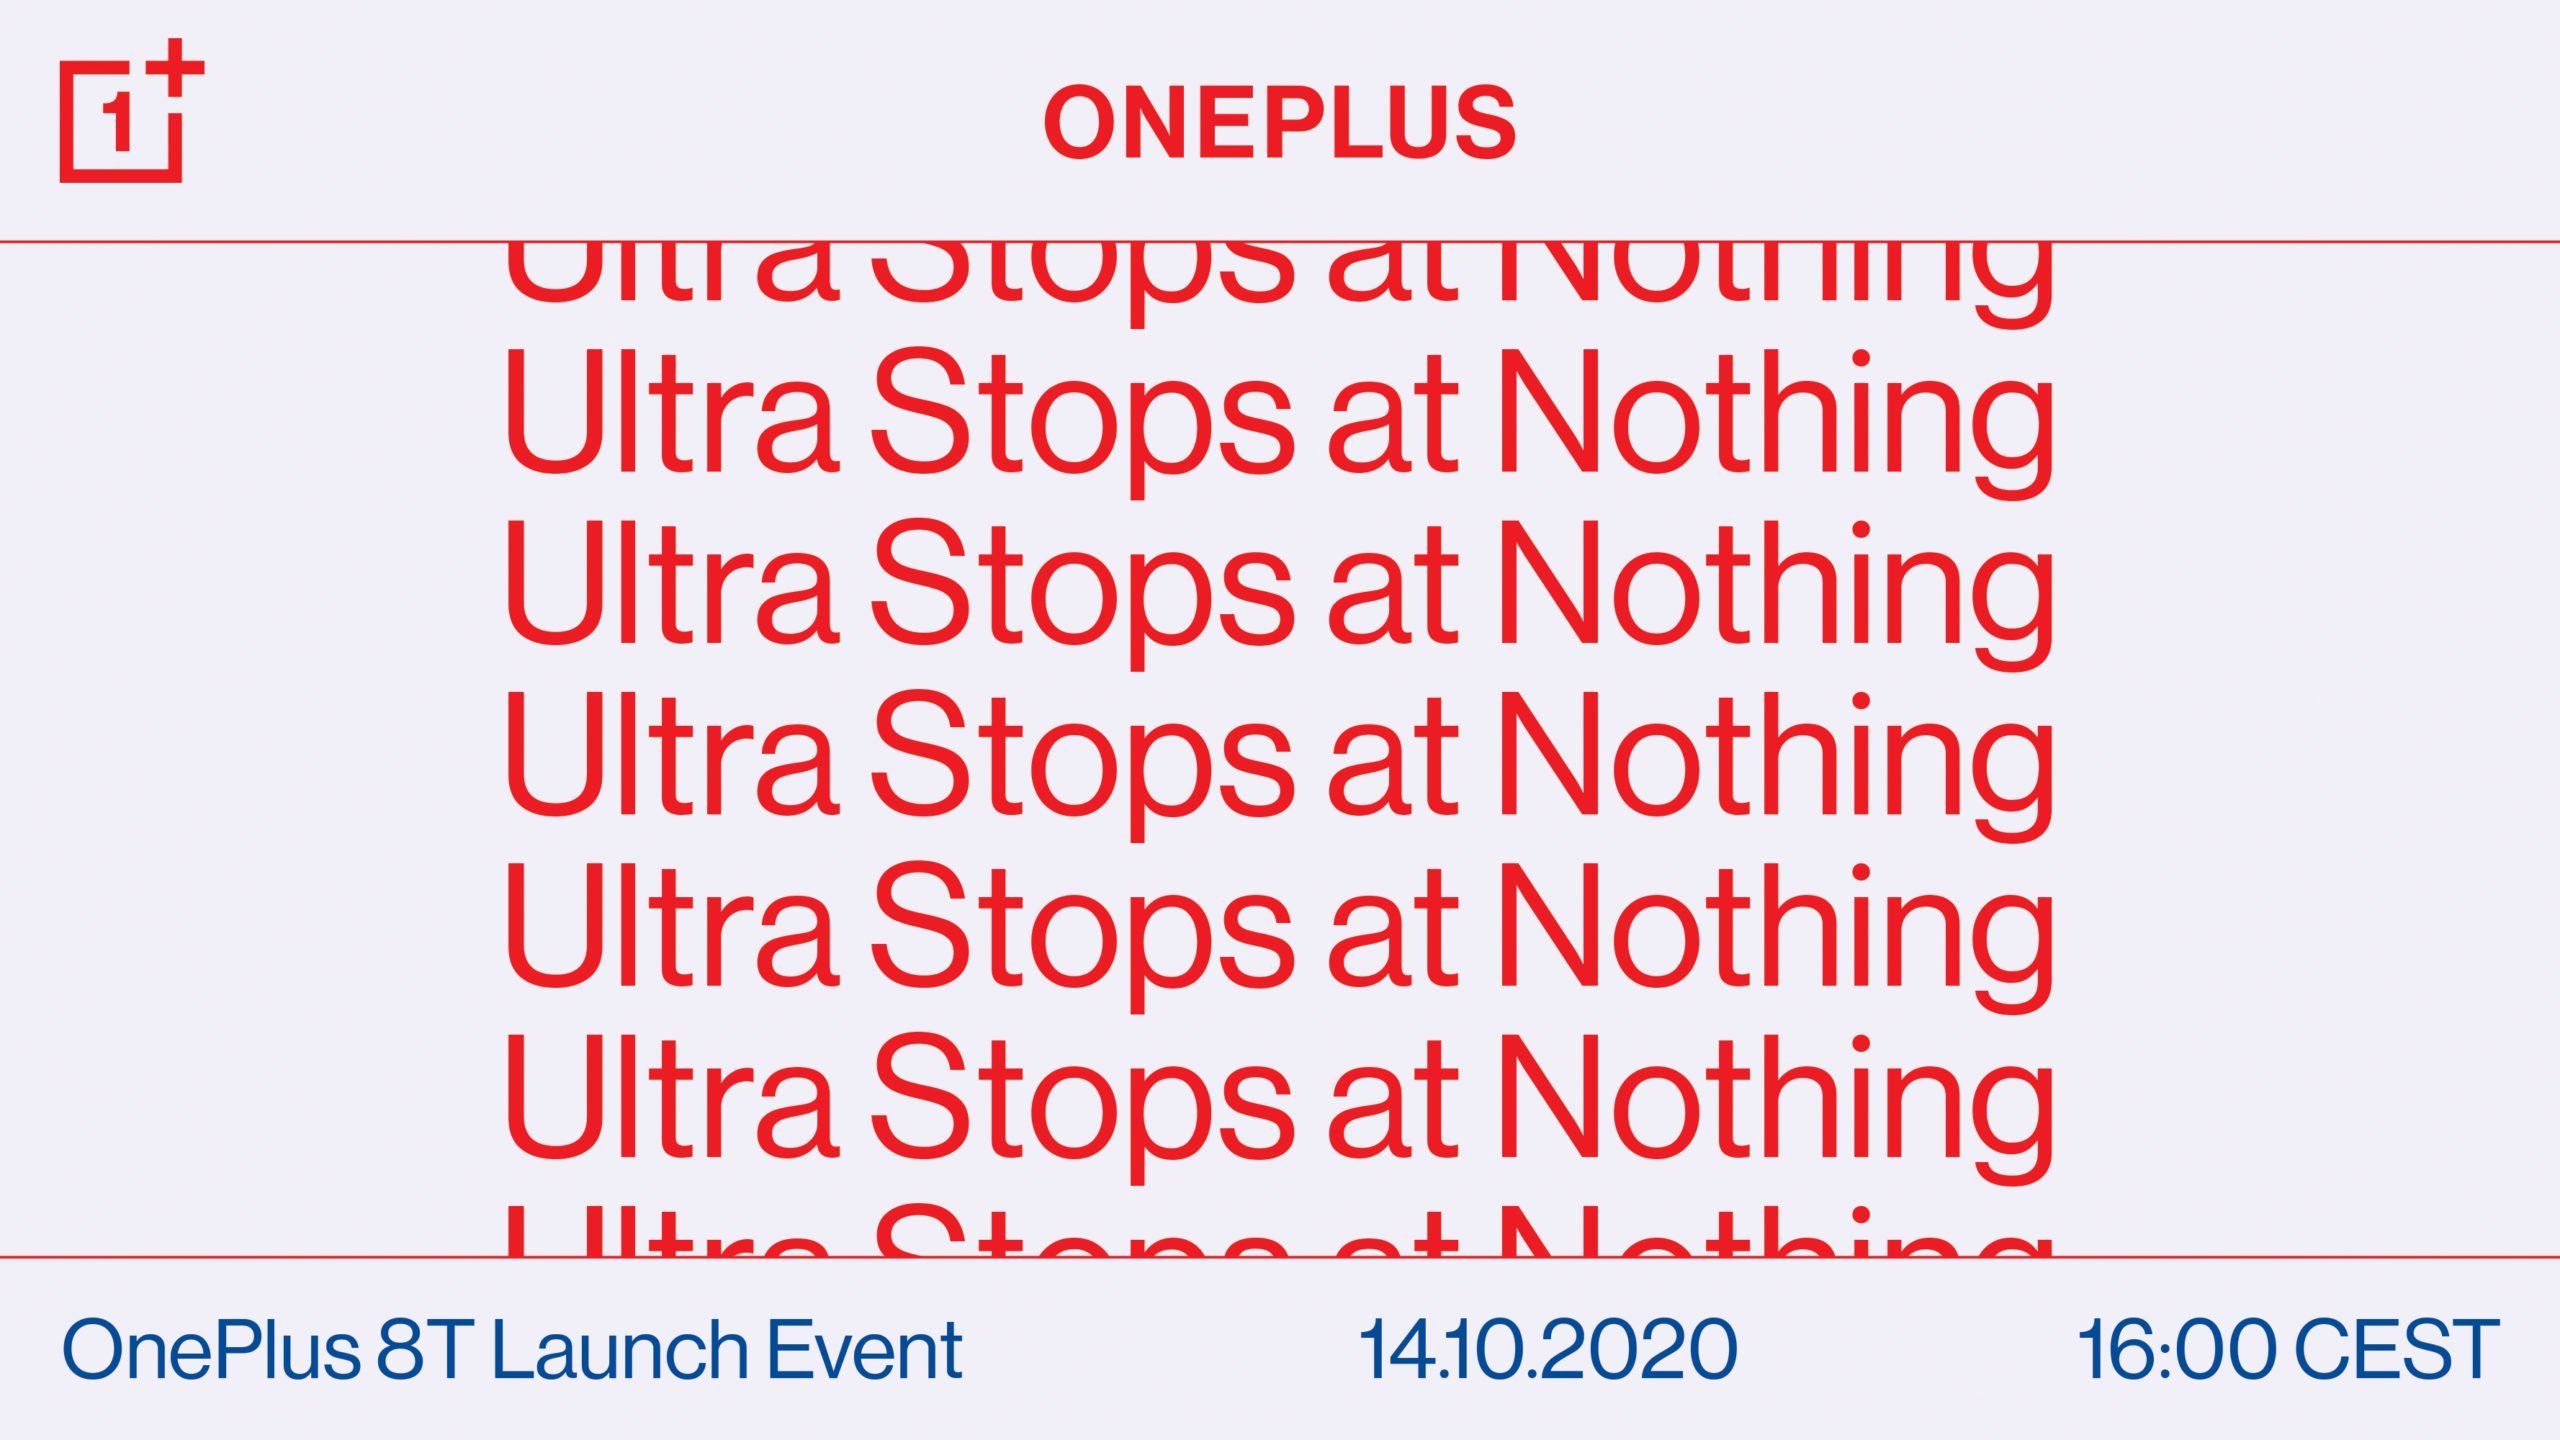 Lançamento do smartphone OnePlus 8T